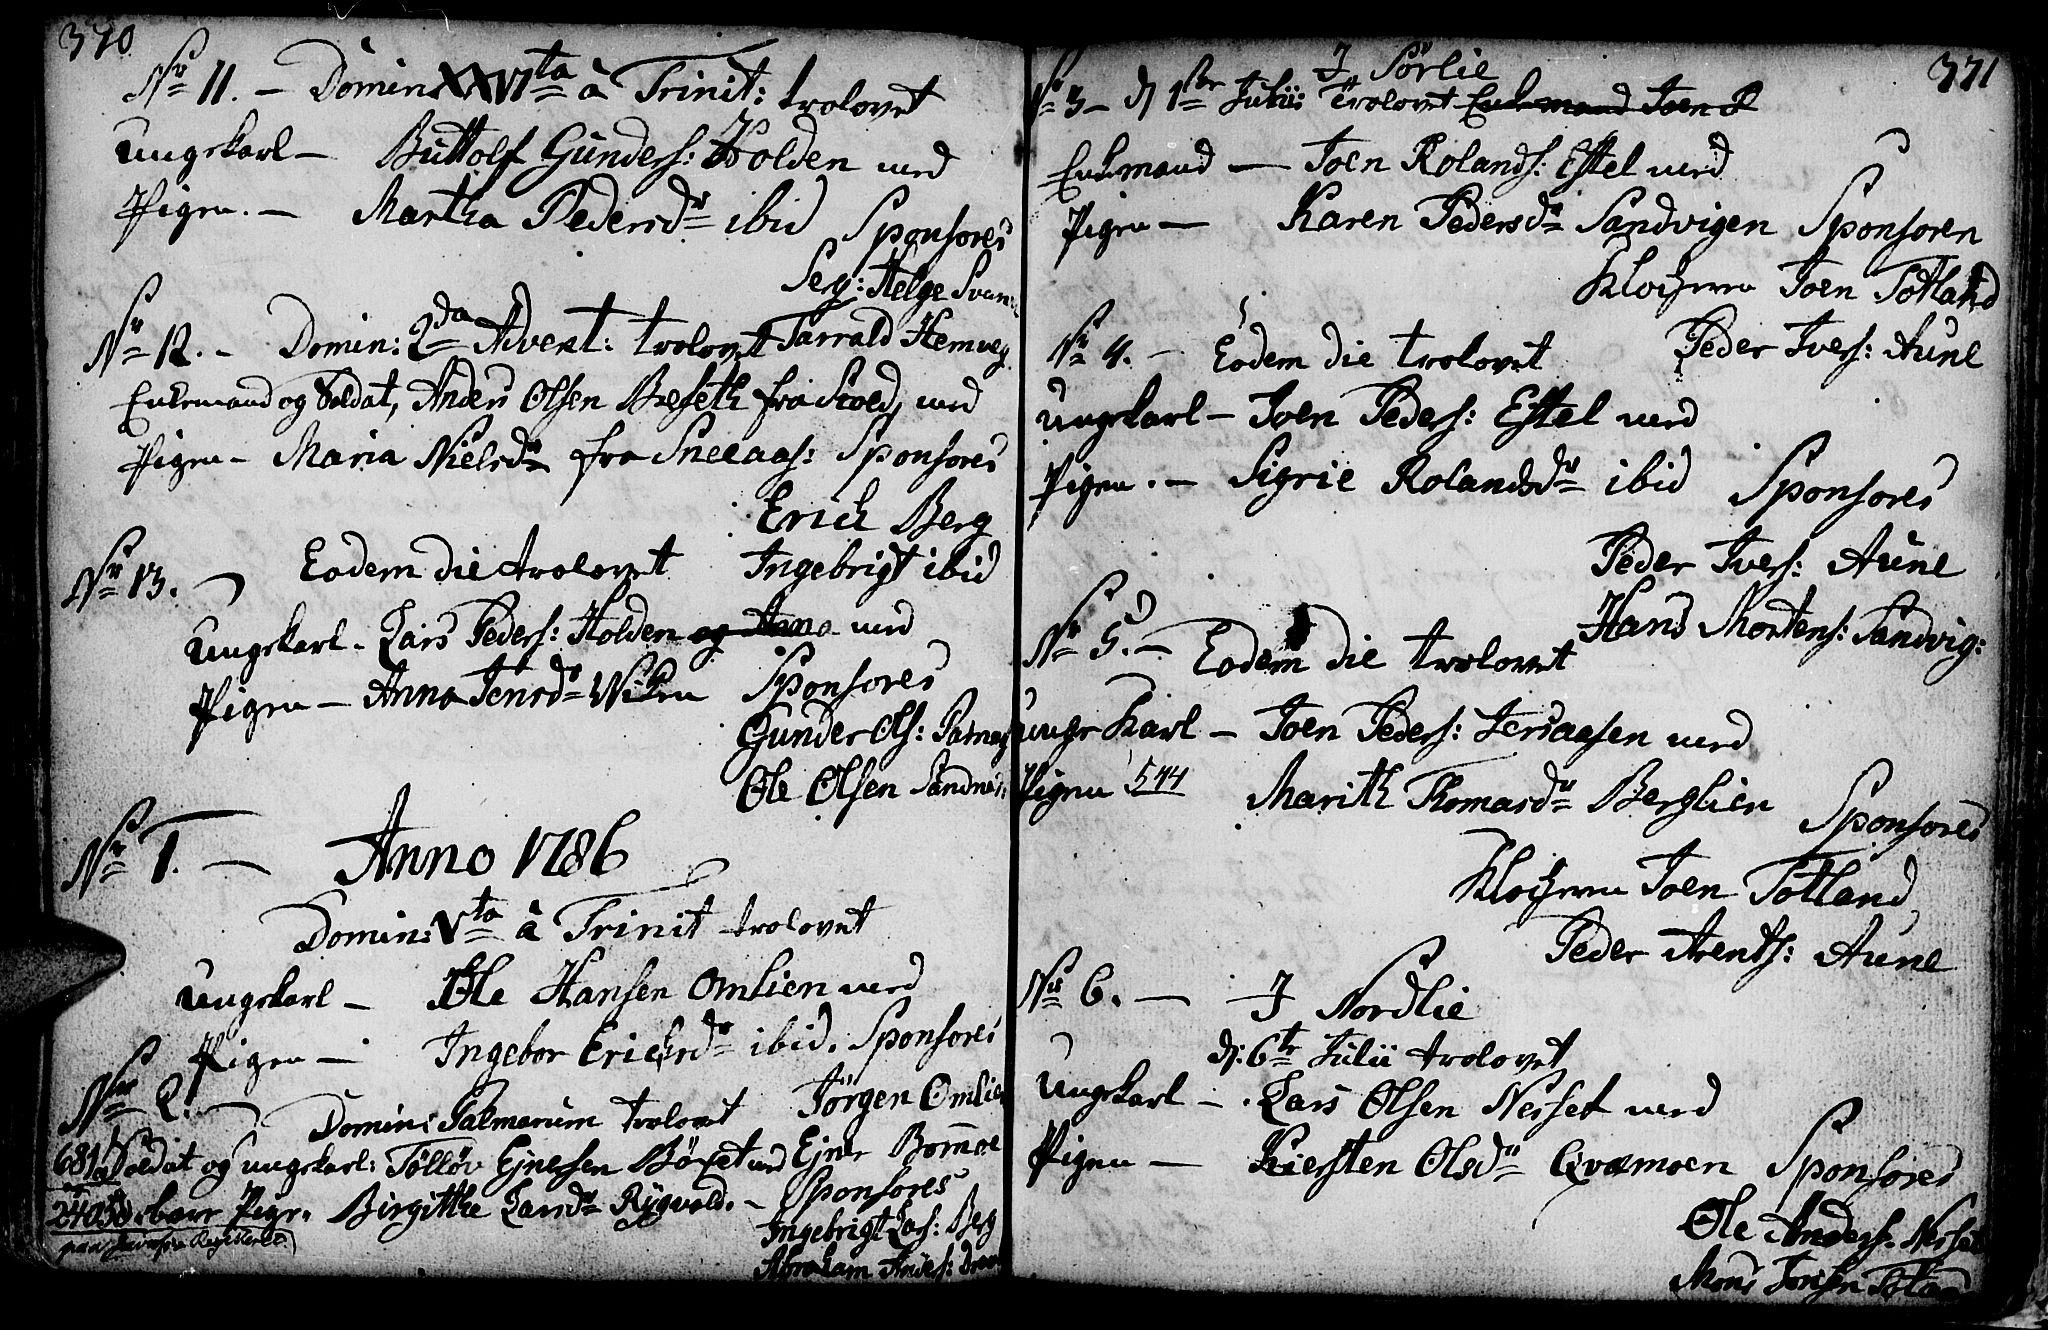 SAT, Ministerialprotokoller, klokkerbøker og fødselsregistre - Nord-Trøndelag, 749/L0467: Ministerialbok nr. 749A01, 1733-1787, s. 370-371